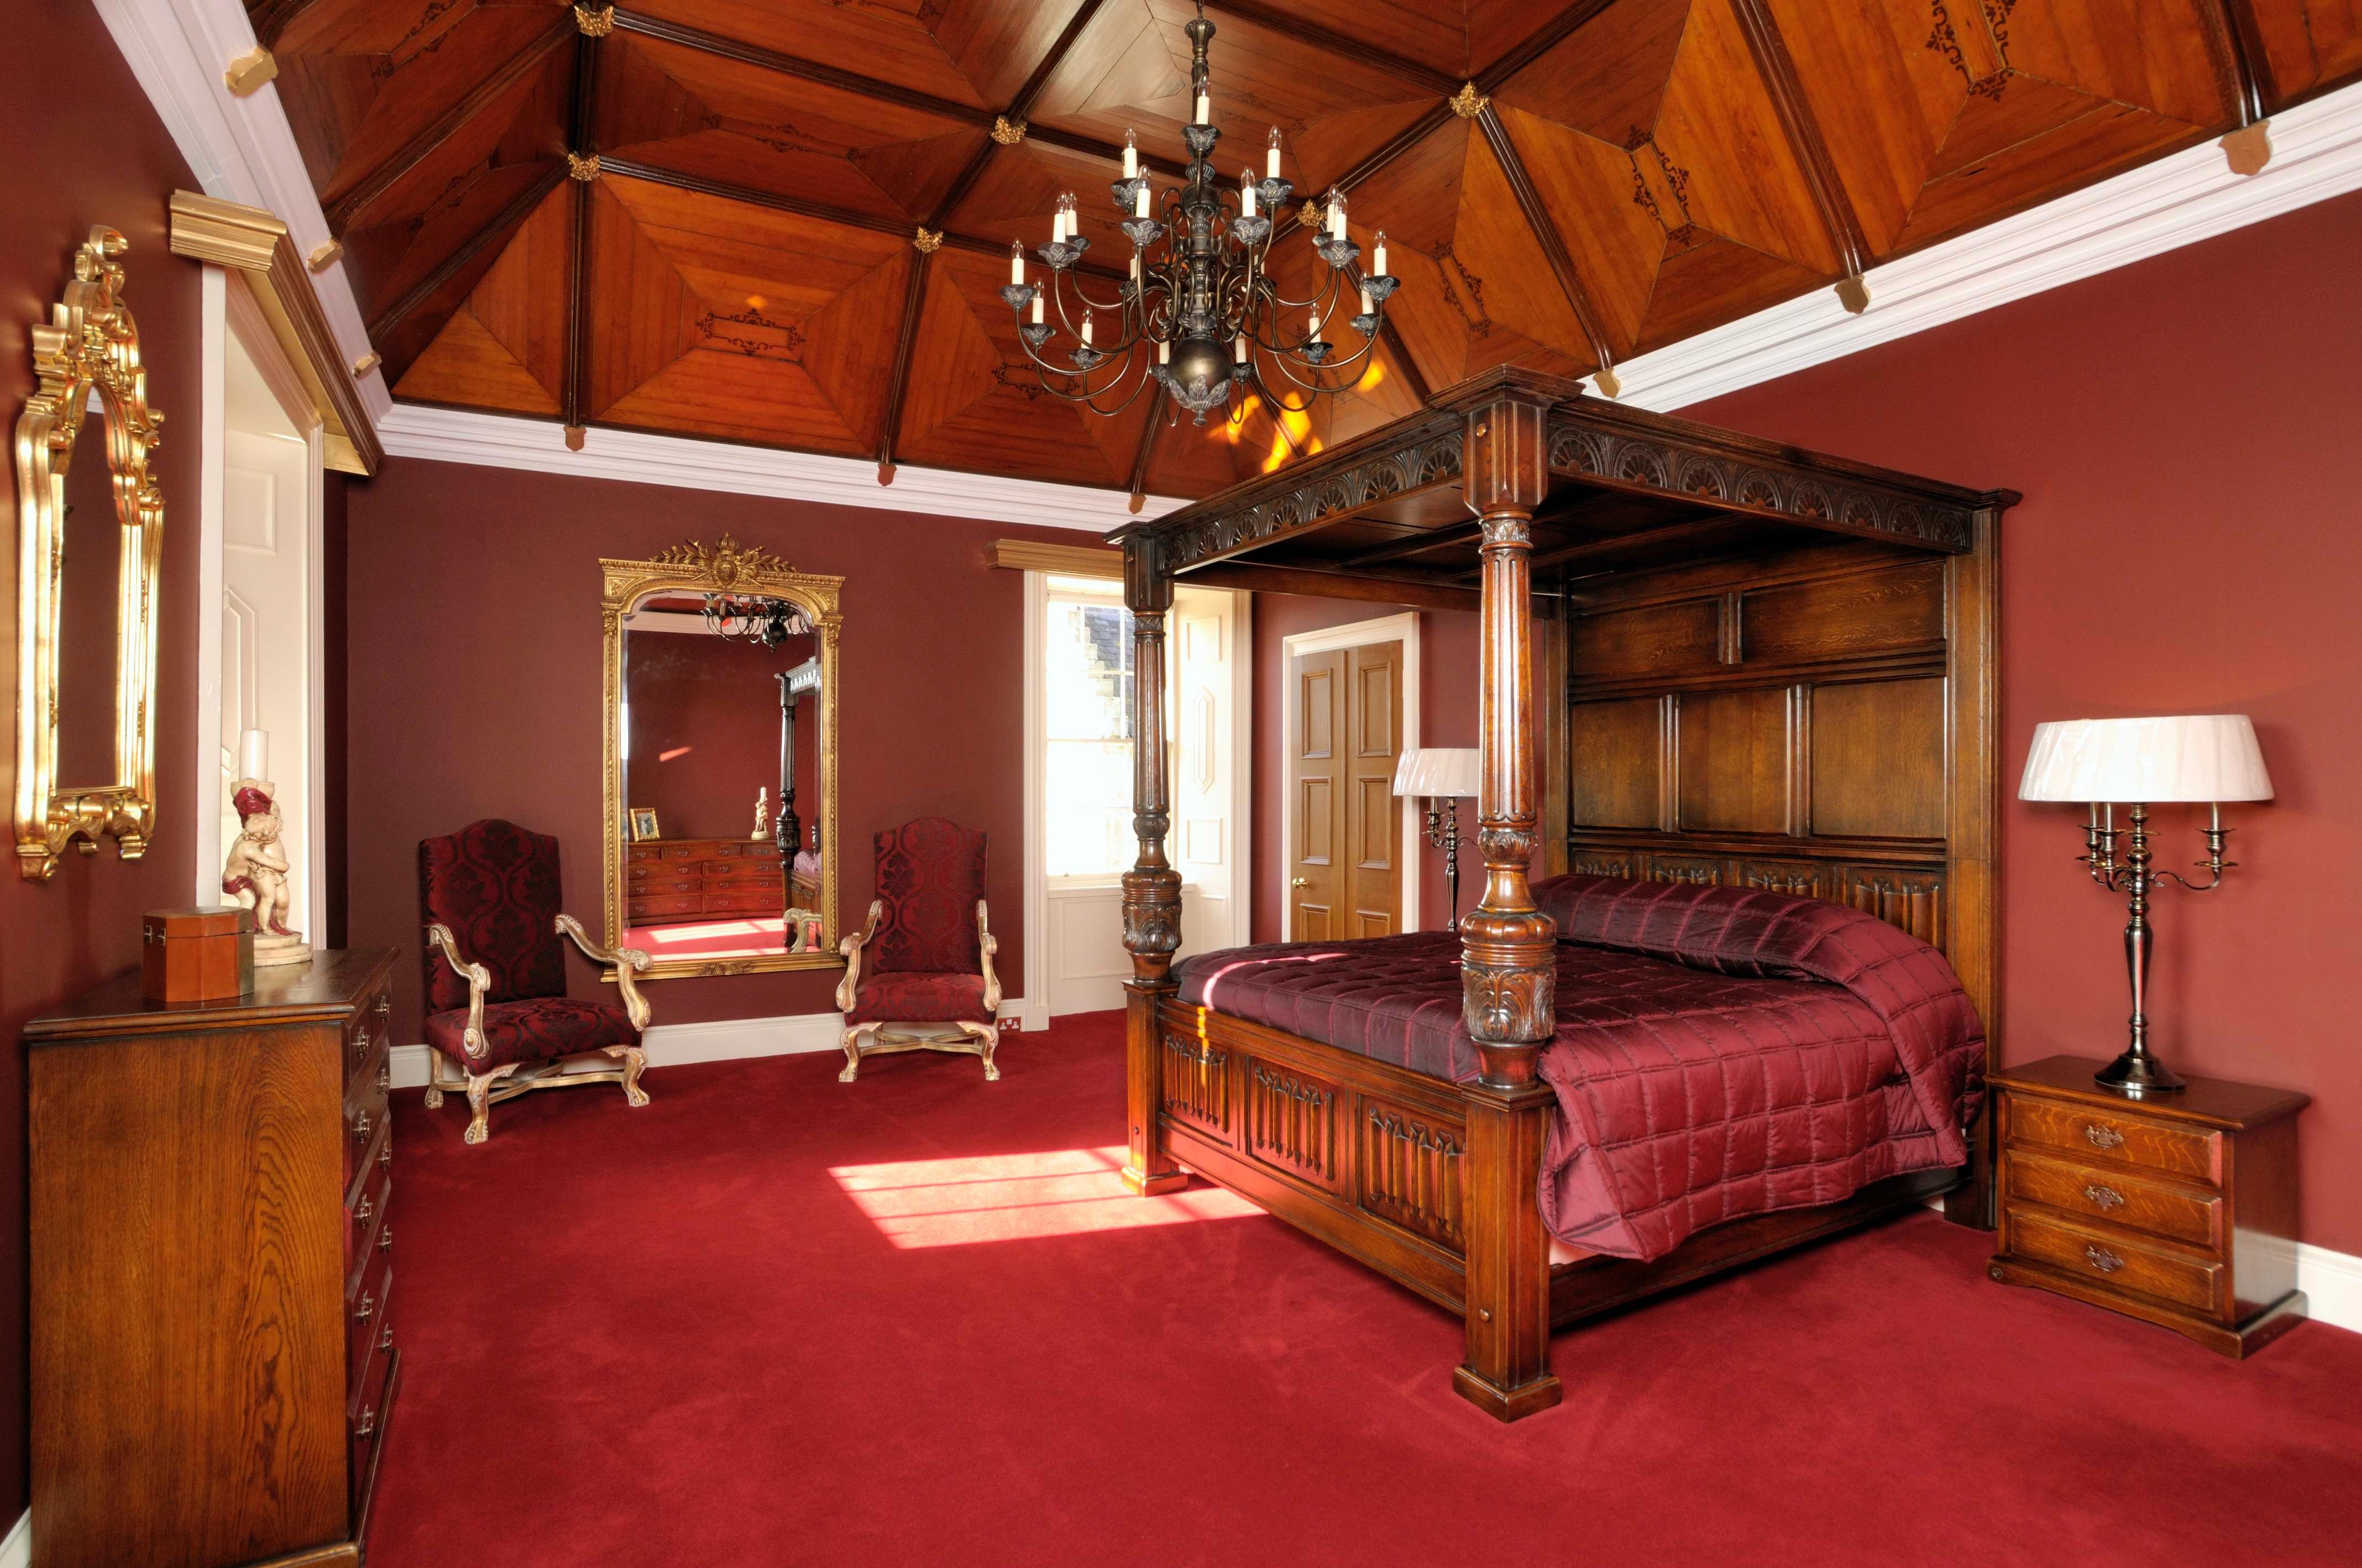 室内总共有8间豪华卧室